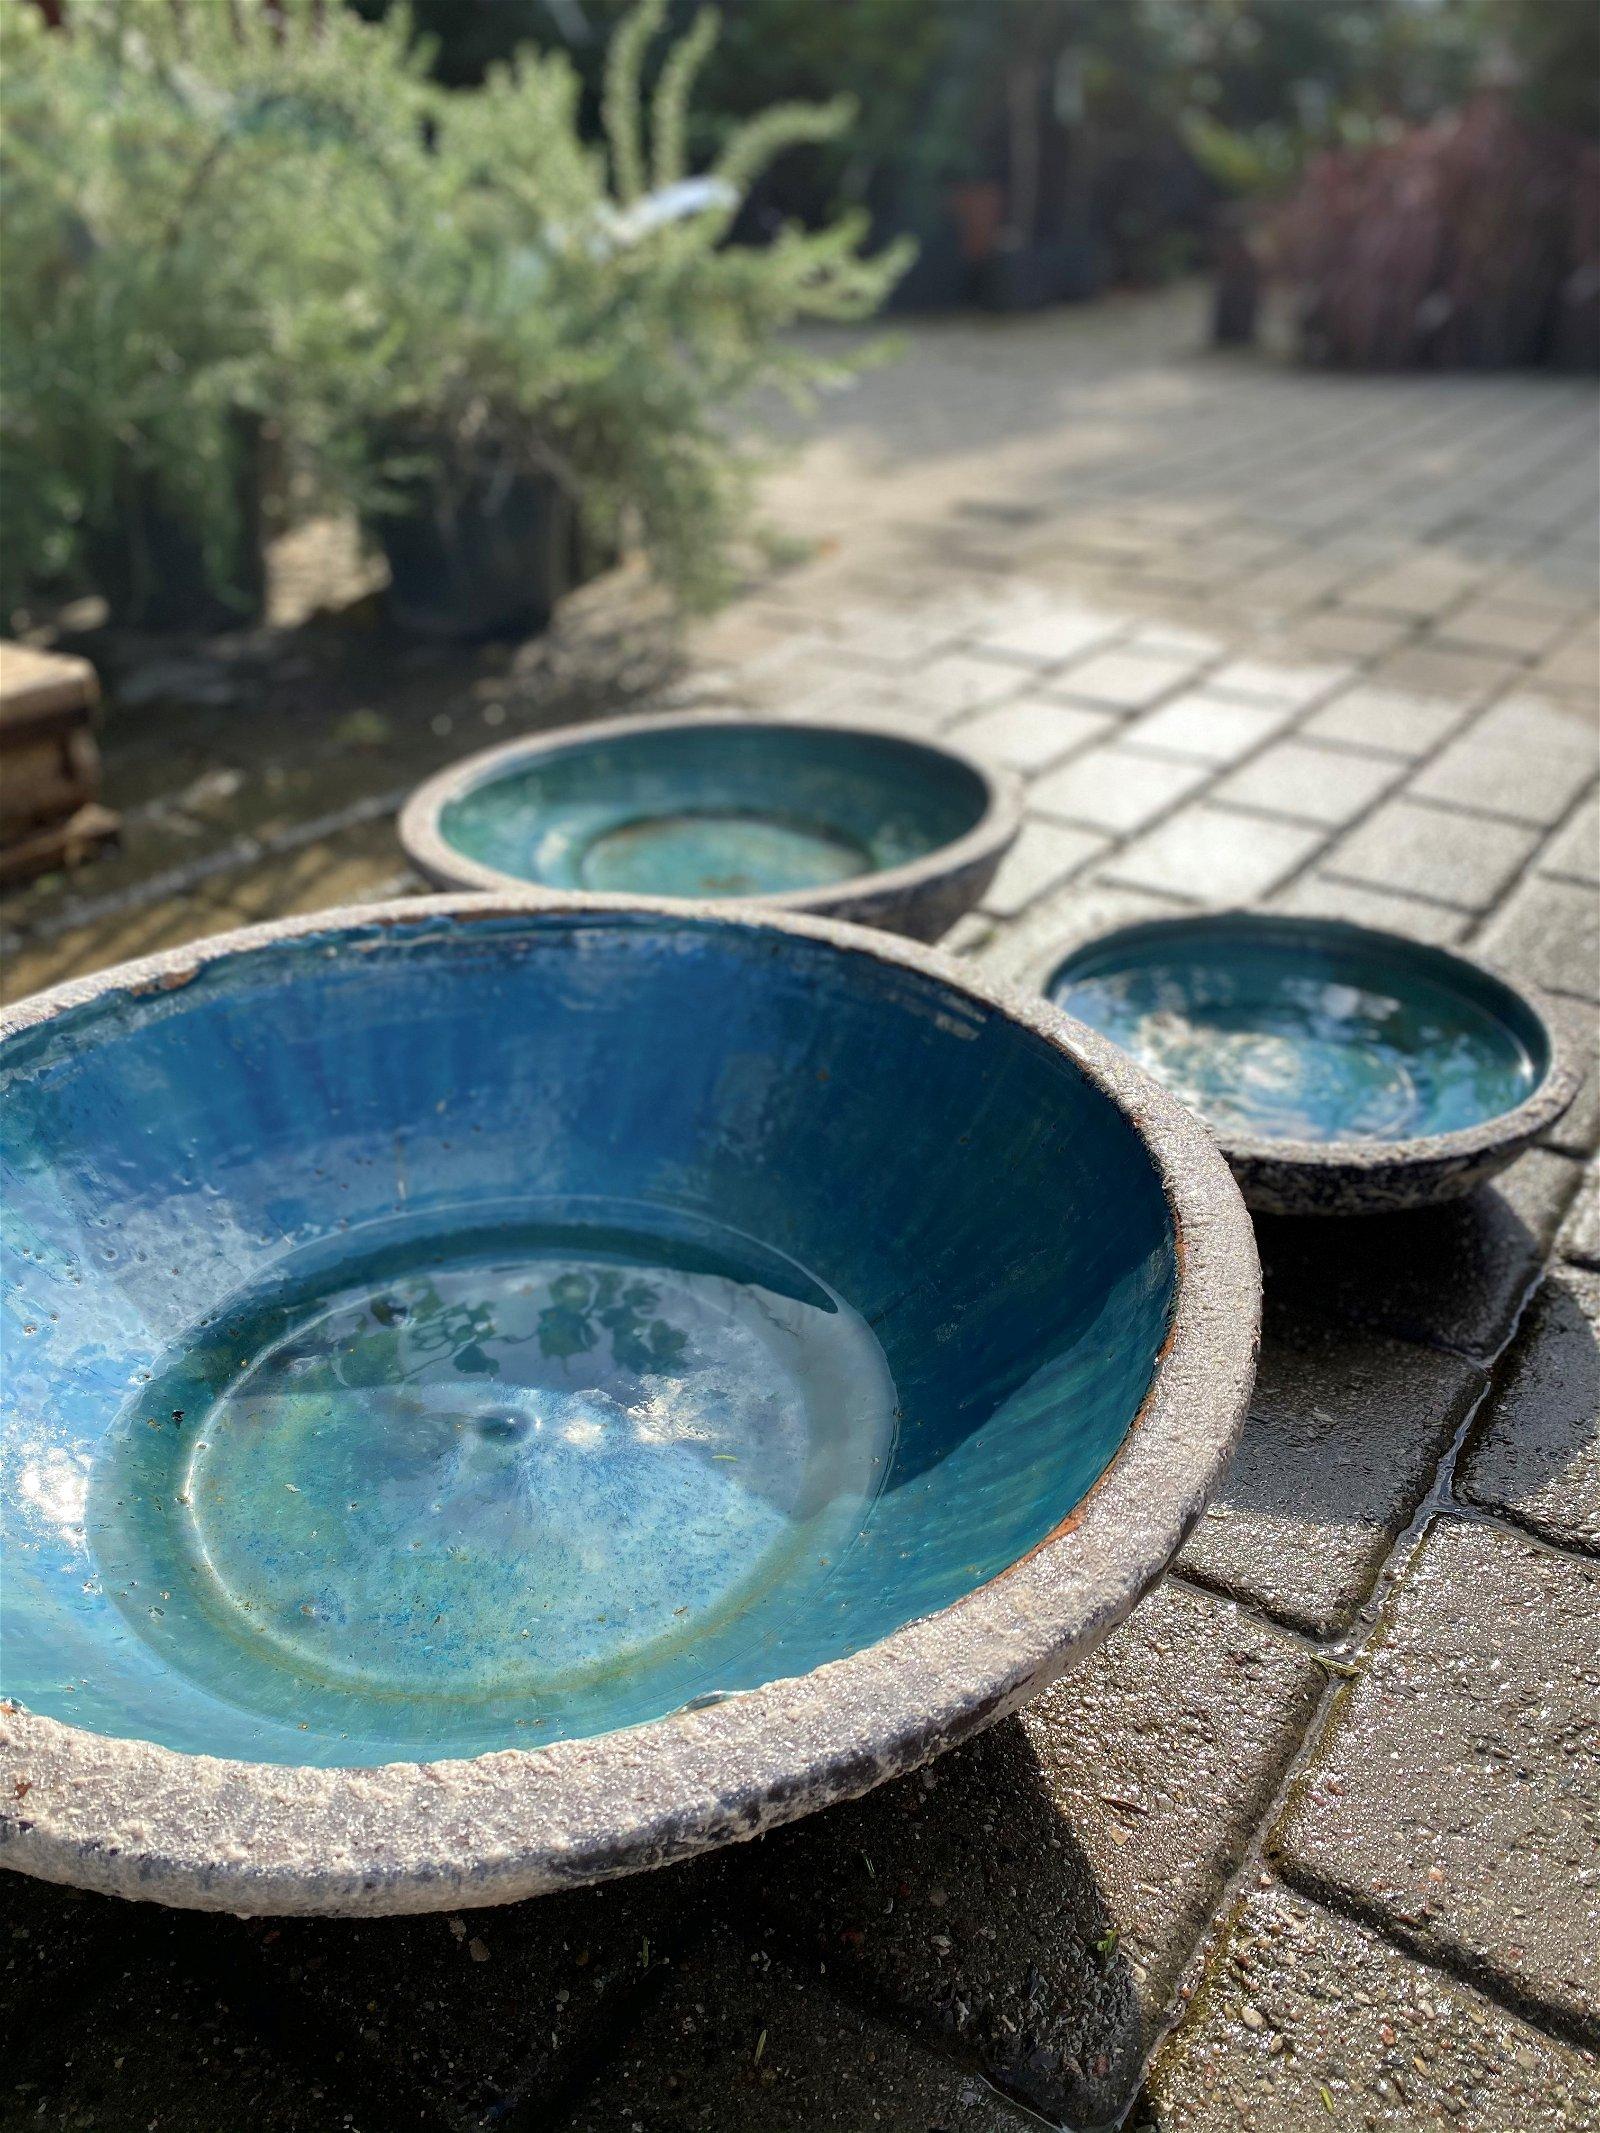 Elin vandfad, Mellem, 40,5 cm